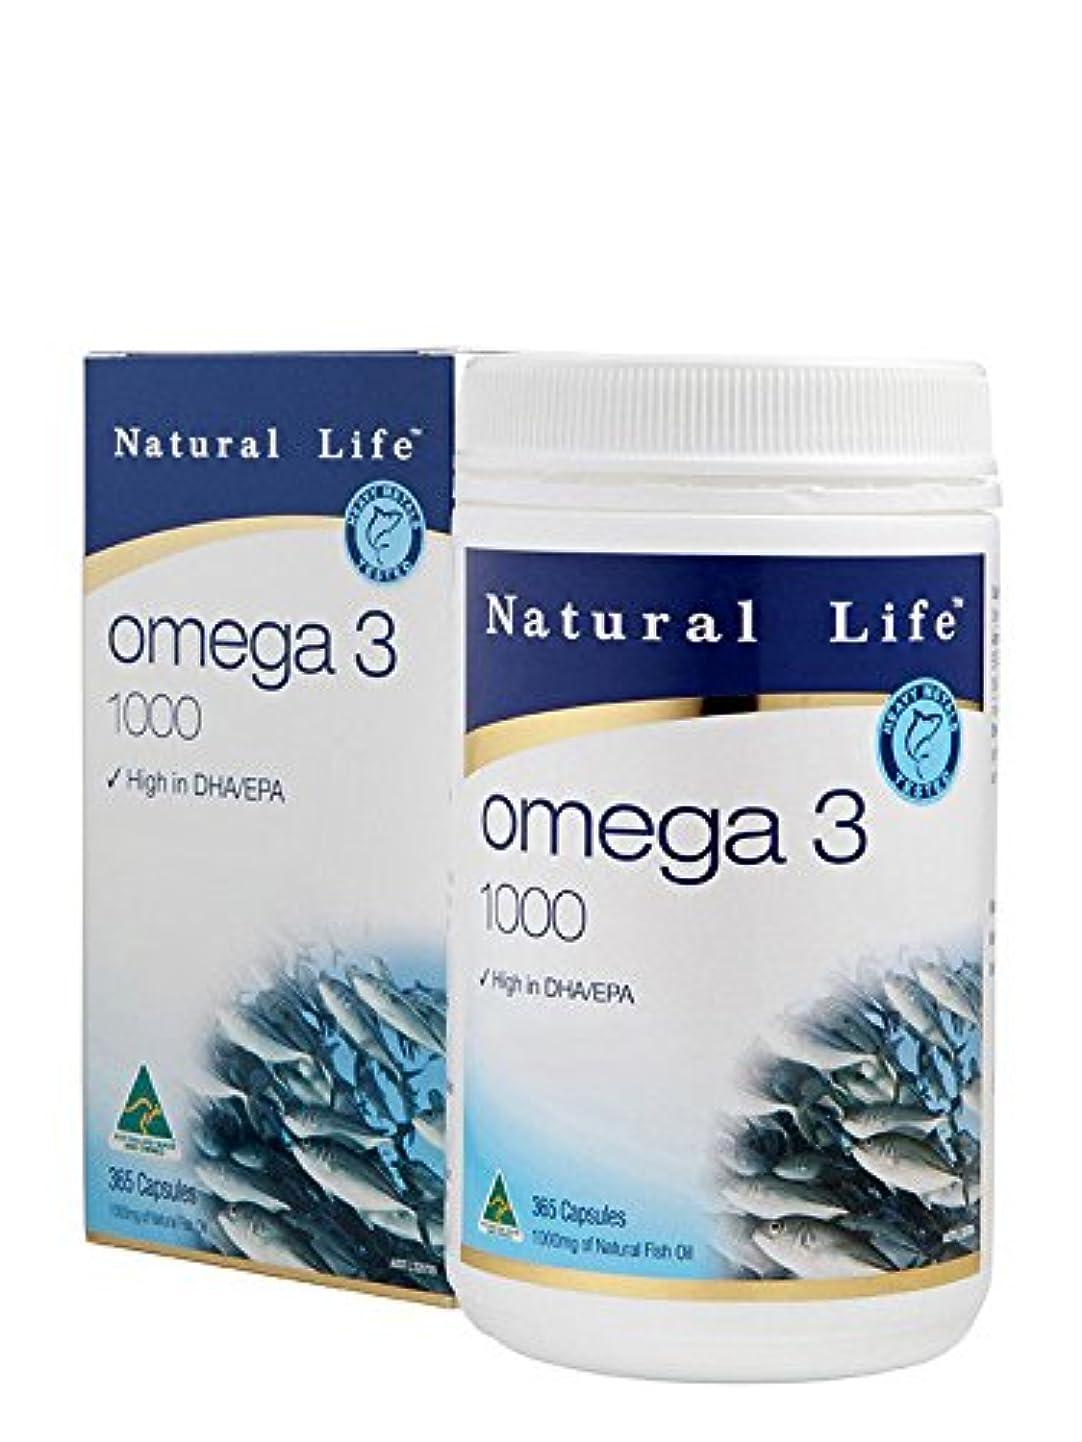 腰解決するお気に入りオメガ3 1000mg 大容量365粒 国内正規品 EPA180mg+DHA120mg ナチュラルライフ